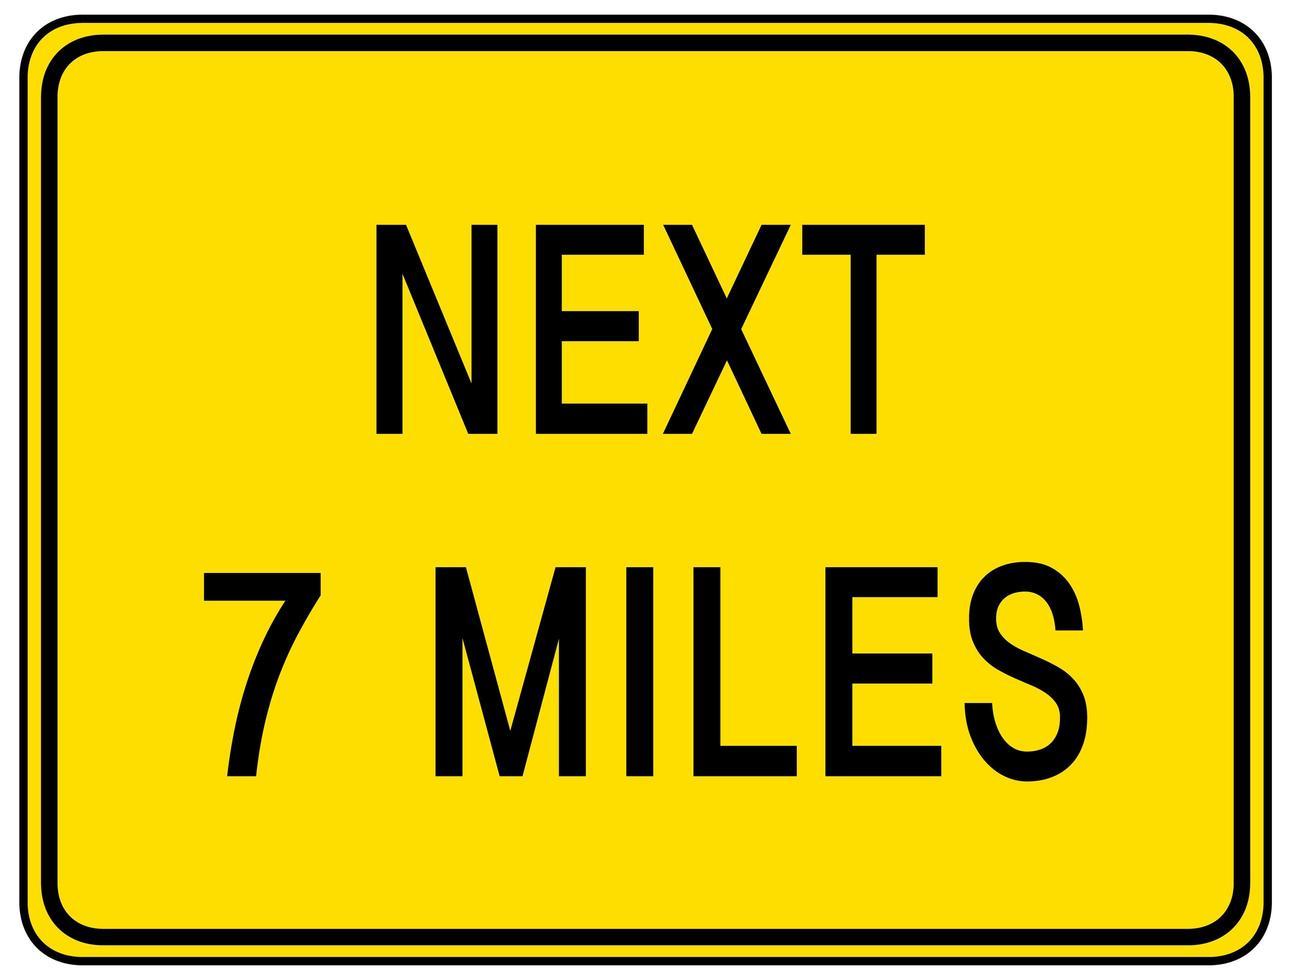 prochain 7 miles signe isolé sur fond blanc vecteur